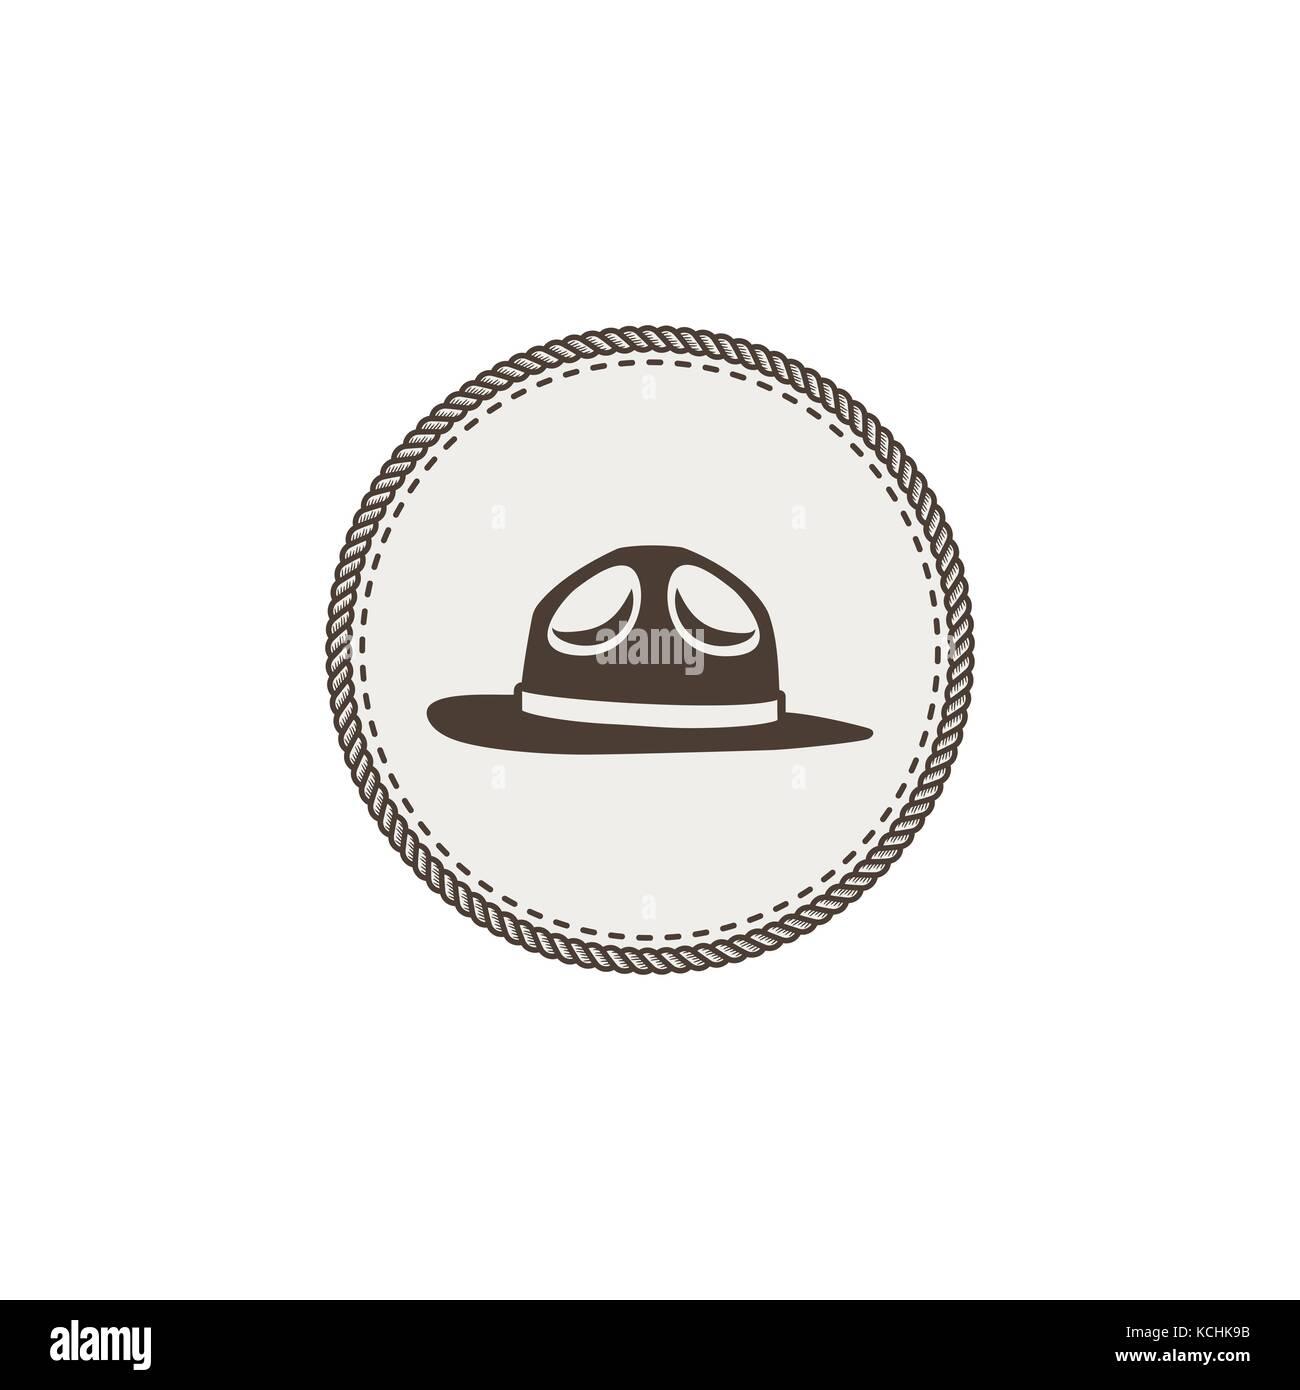 Scout Hat Imágenes De Stock & Scout Hat Fotos De Stock - Alamy